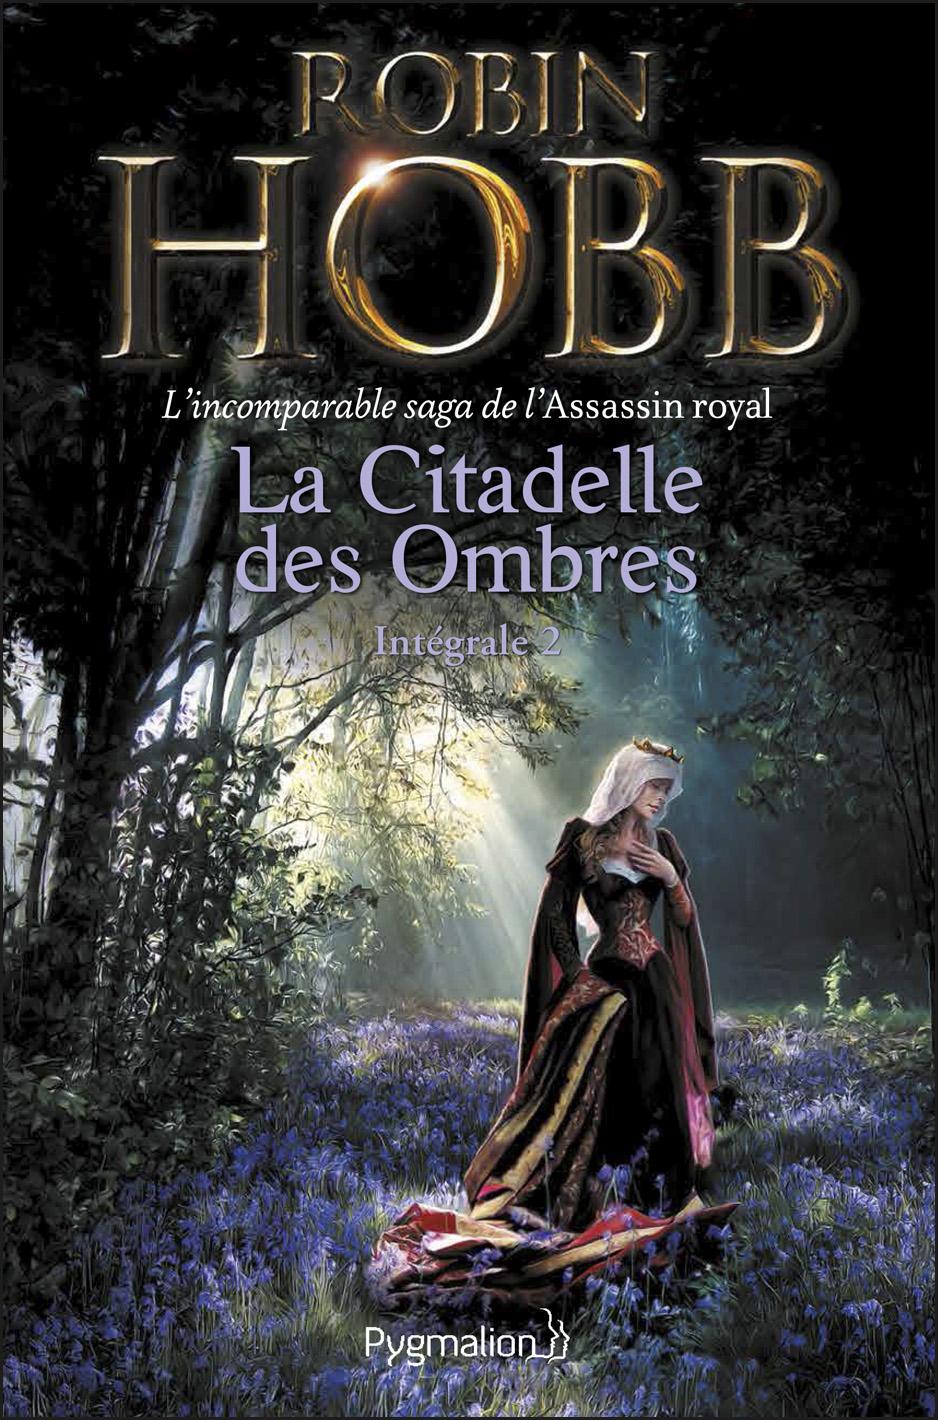 La Citadelle des Ombres - L'Intégrale 2 (Tomes 4 à 6) - L'incomparable saga de L'Assassin royal